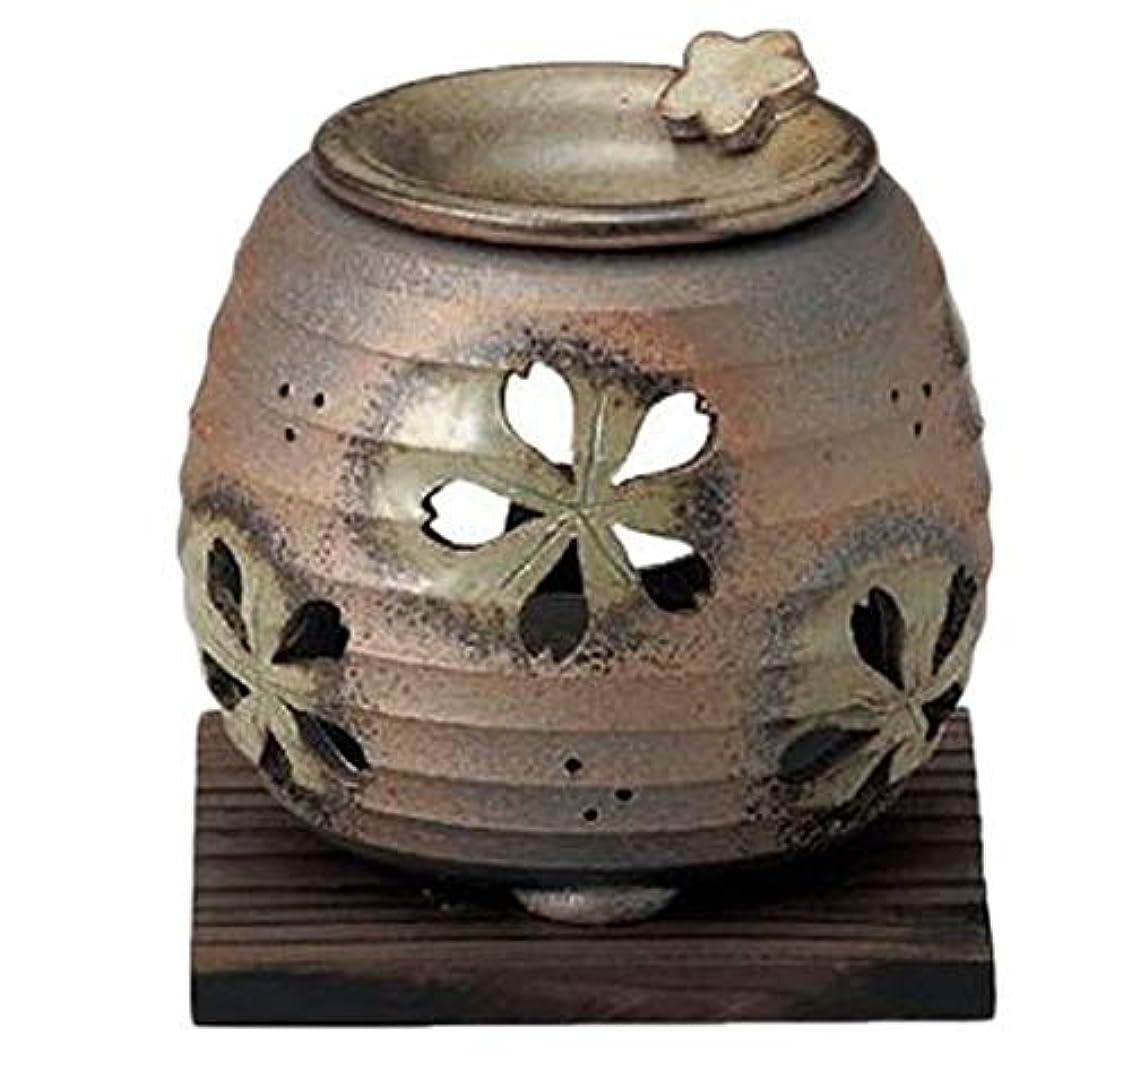 温かいスペース止まる常滑焼 6-249 石龍緑灰釉桜透かし茶香炉 石龍φ11×H11㎝